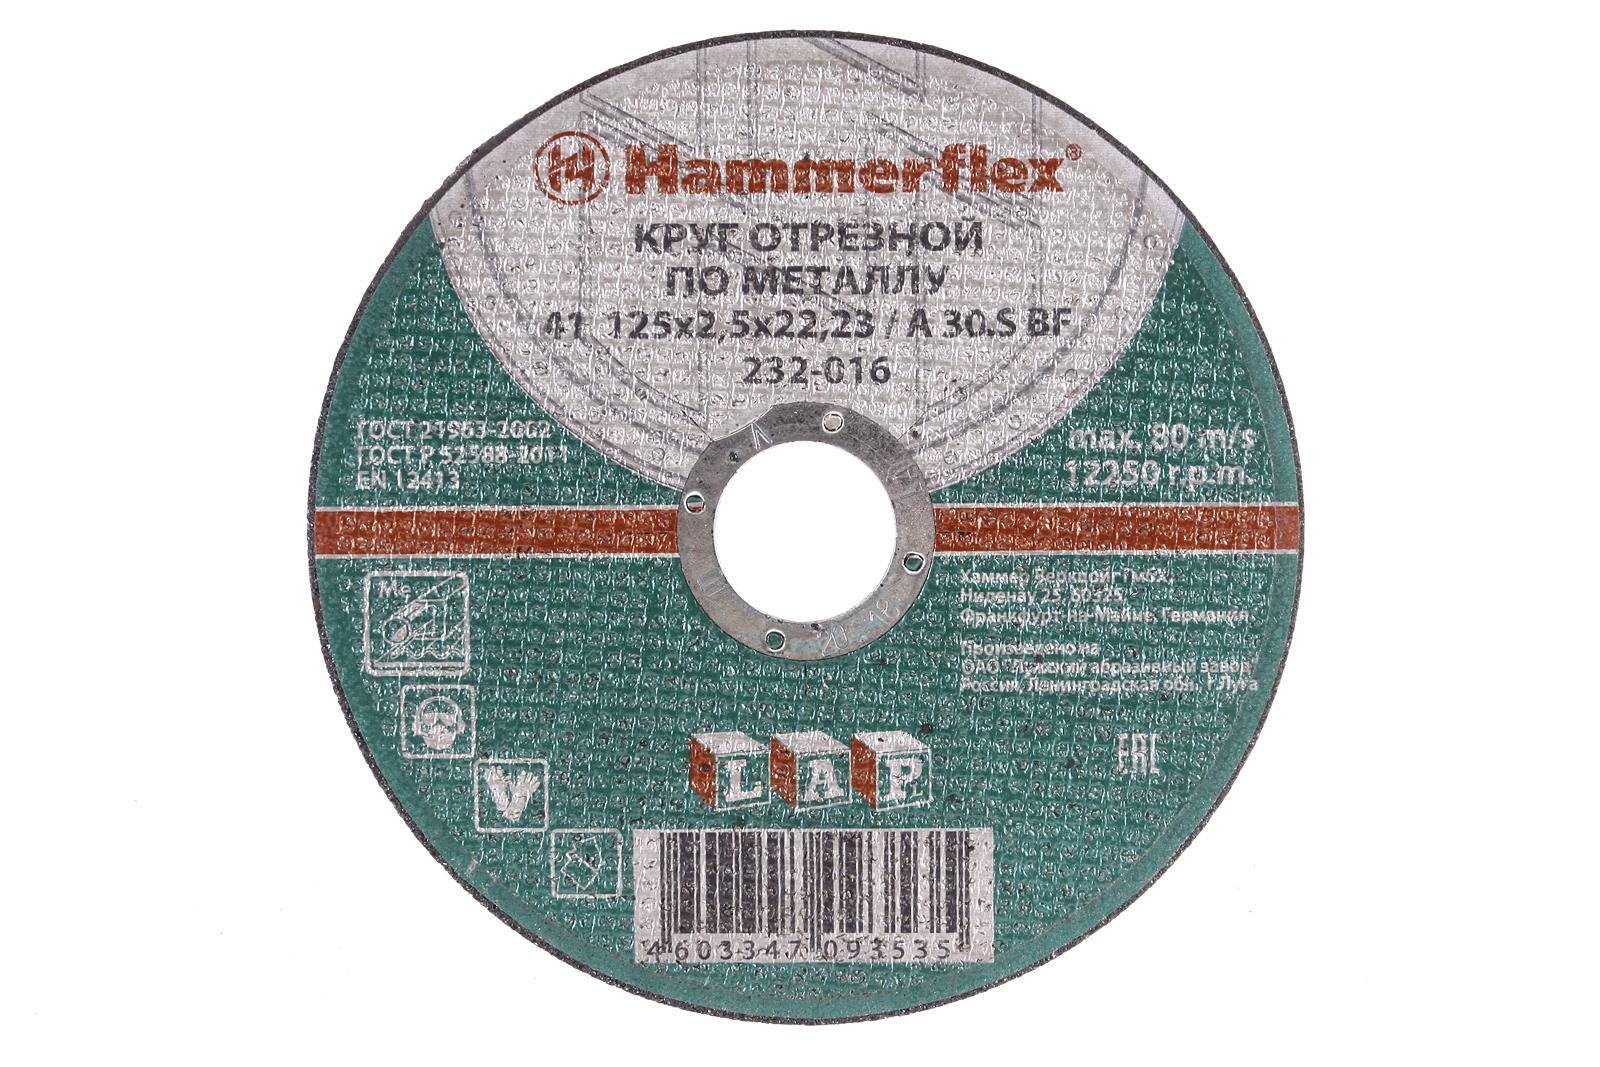 Круг отрезной Hammer 125 x 2.5 x 22 по металлу Коробка (200шт.) круг отрезной hammer flex 115 x 1 6 x 22 по металлу и нержавеющей стали 25шт